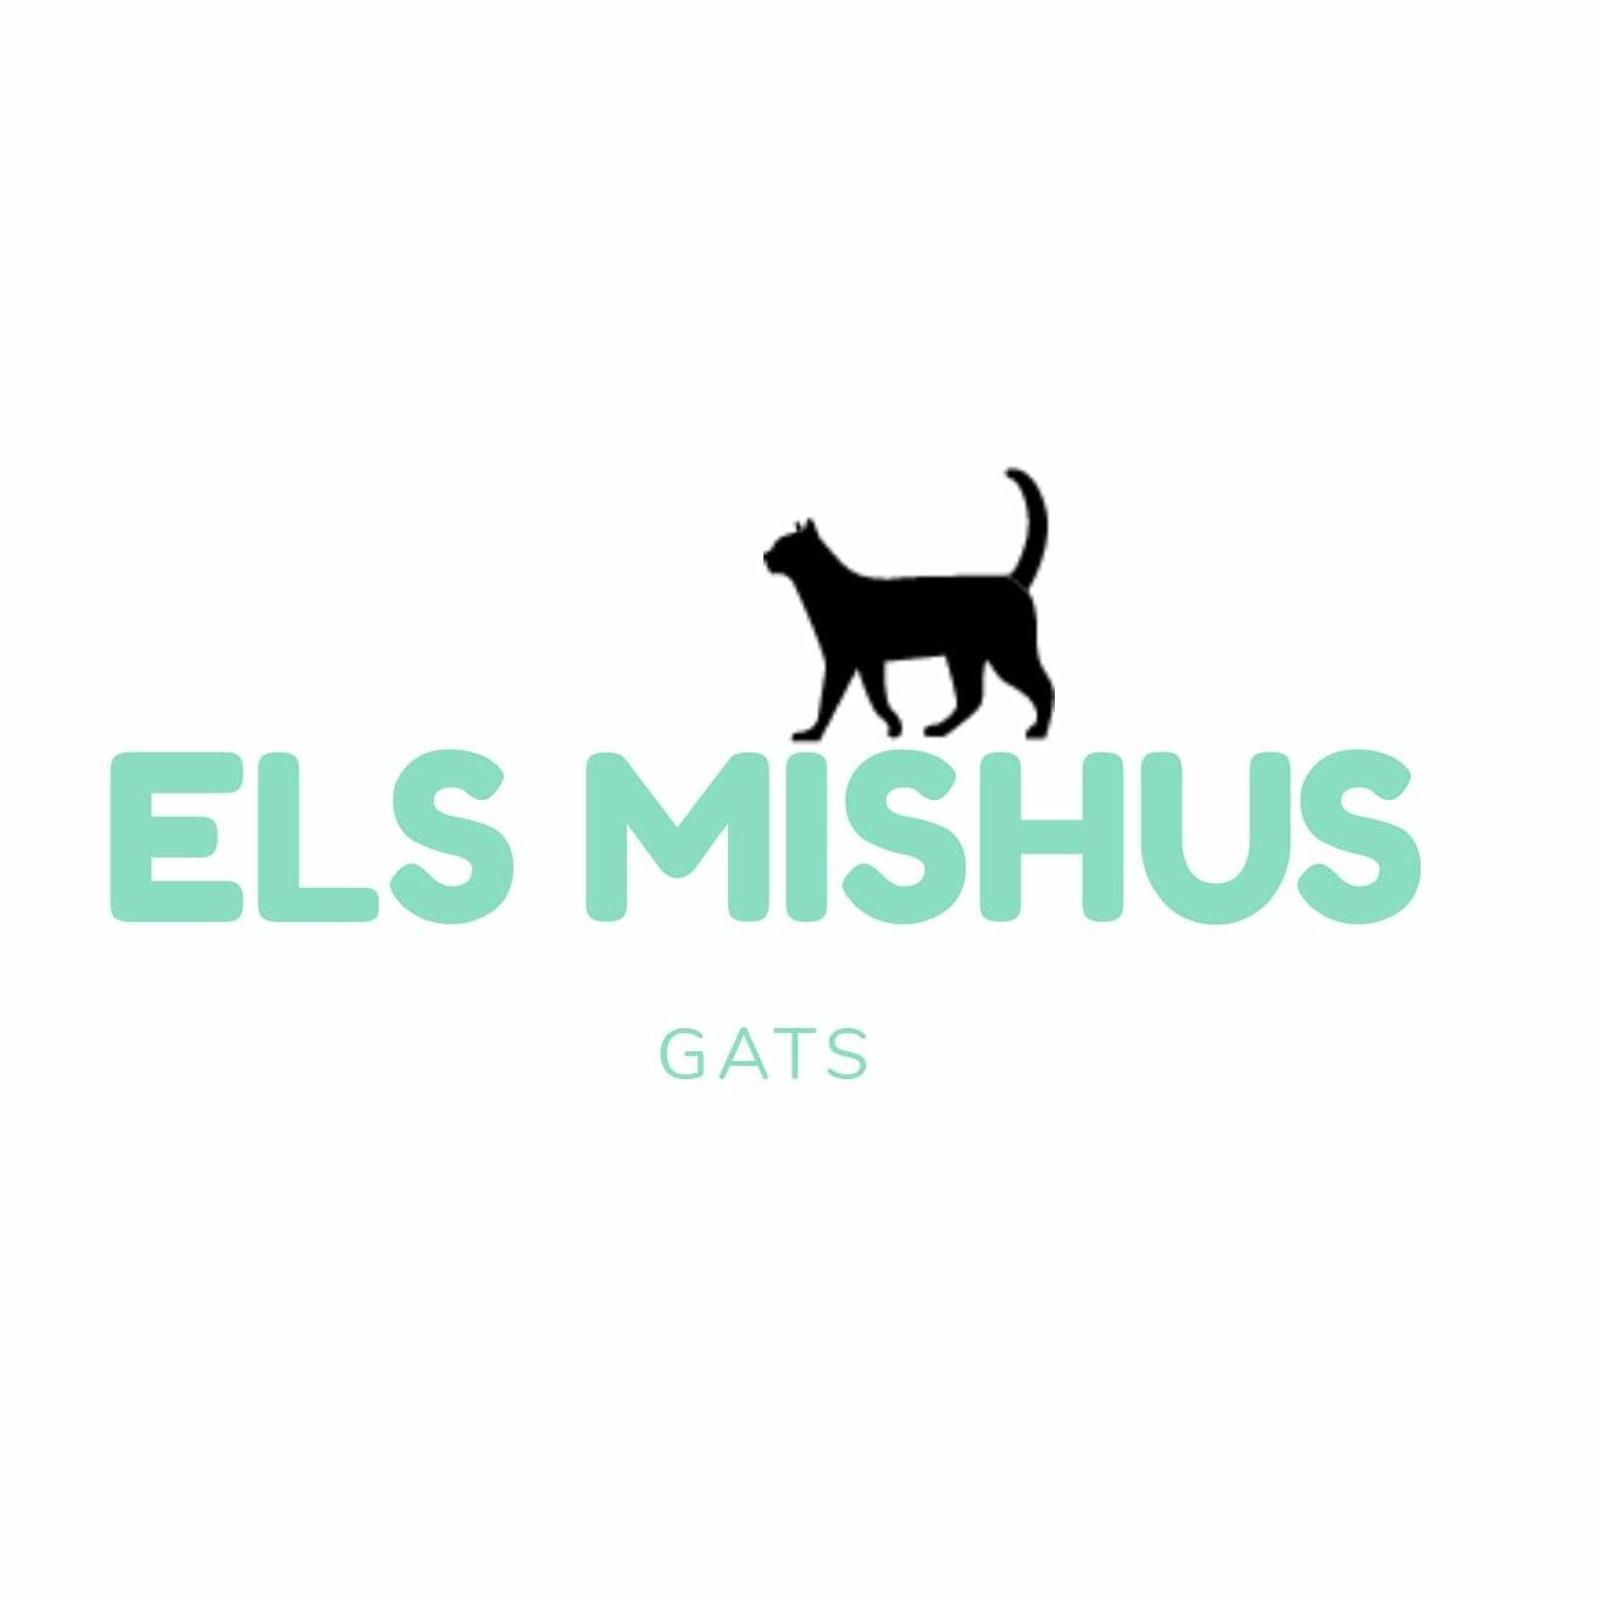 Els Mishus